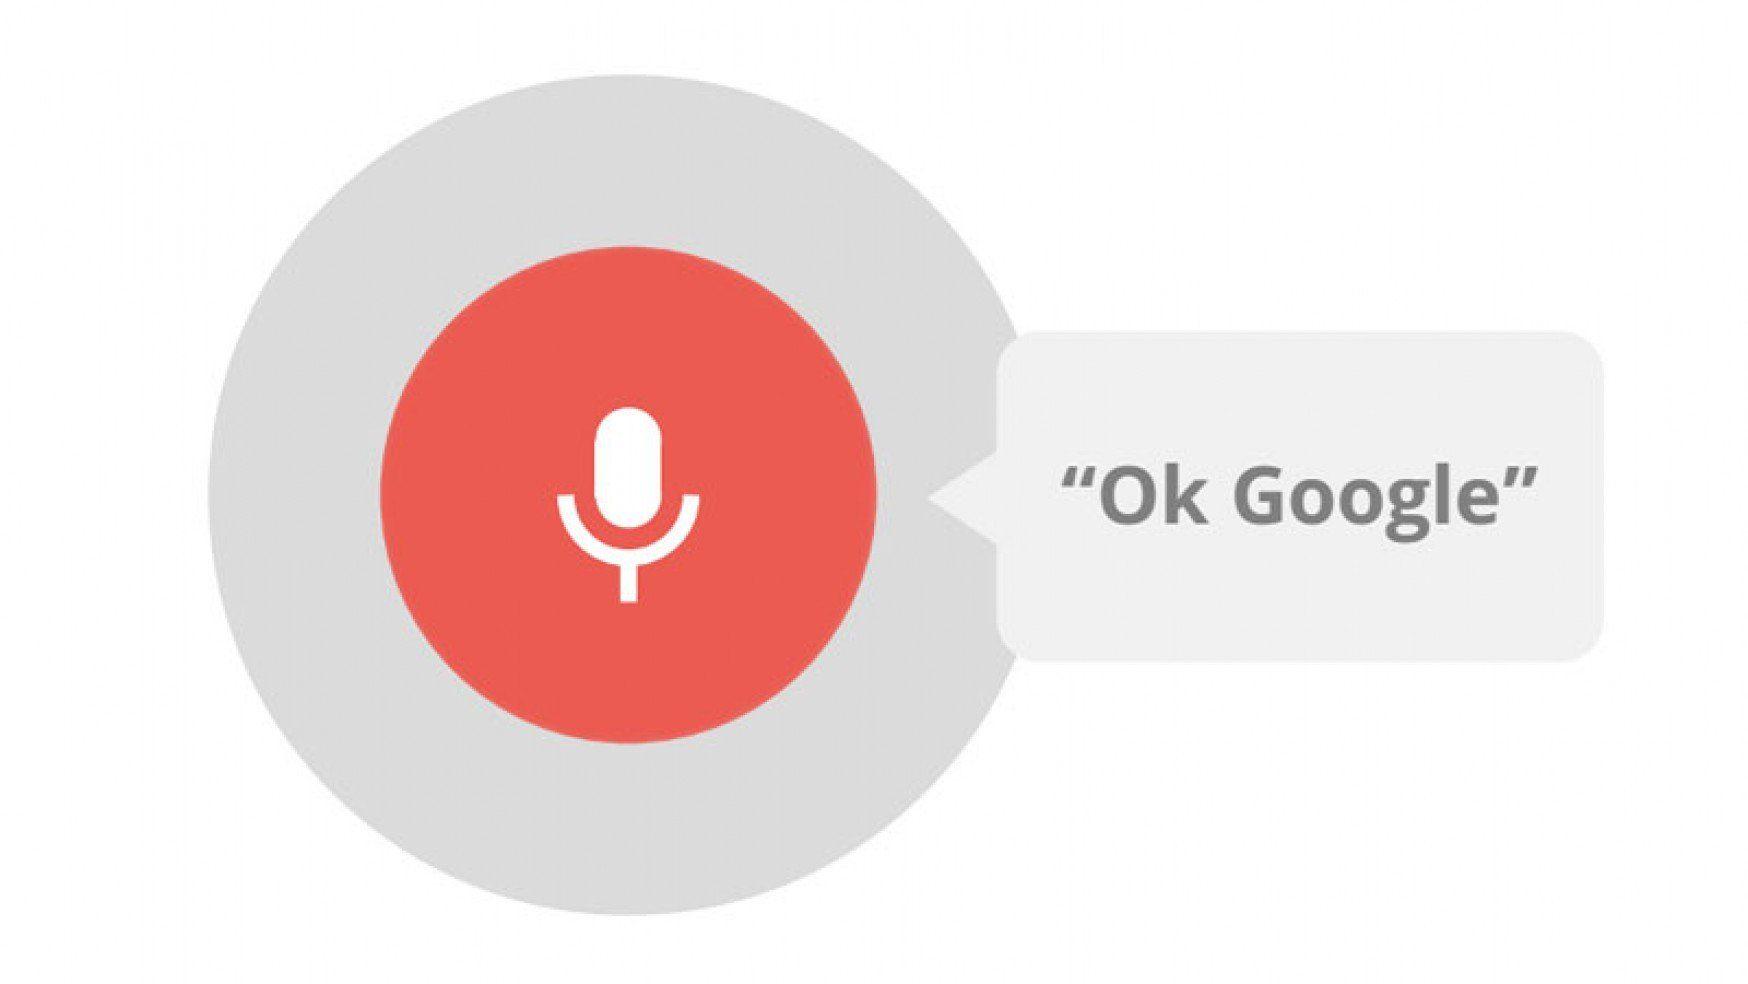 Голосовой поиск Google поддерживает 119 языков иустный поиск эмодзи